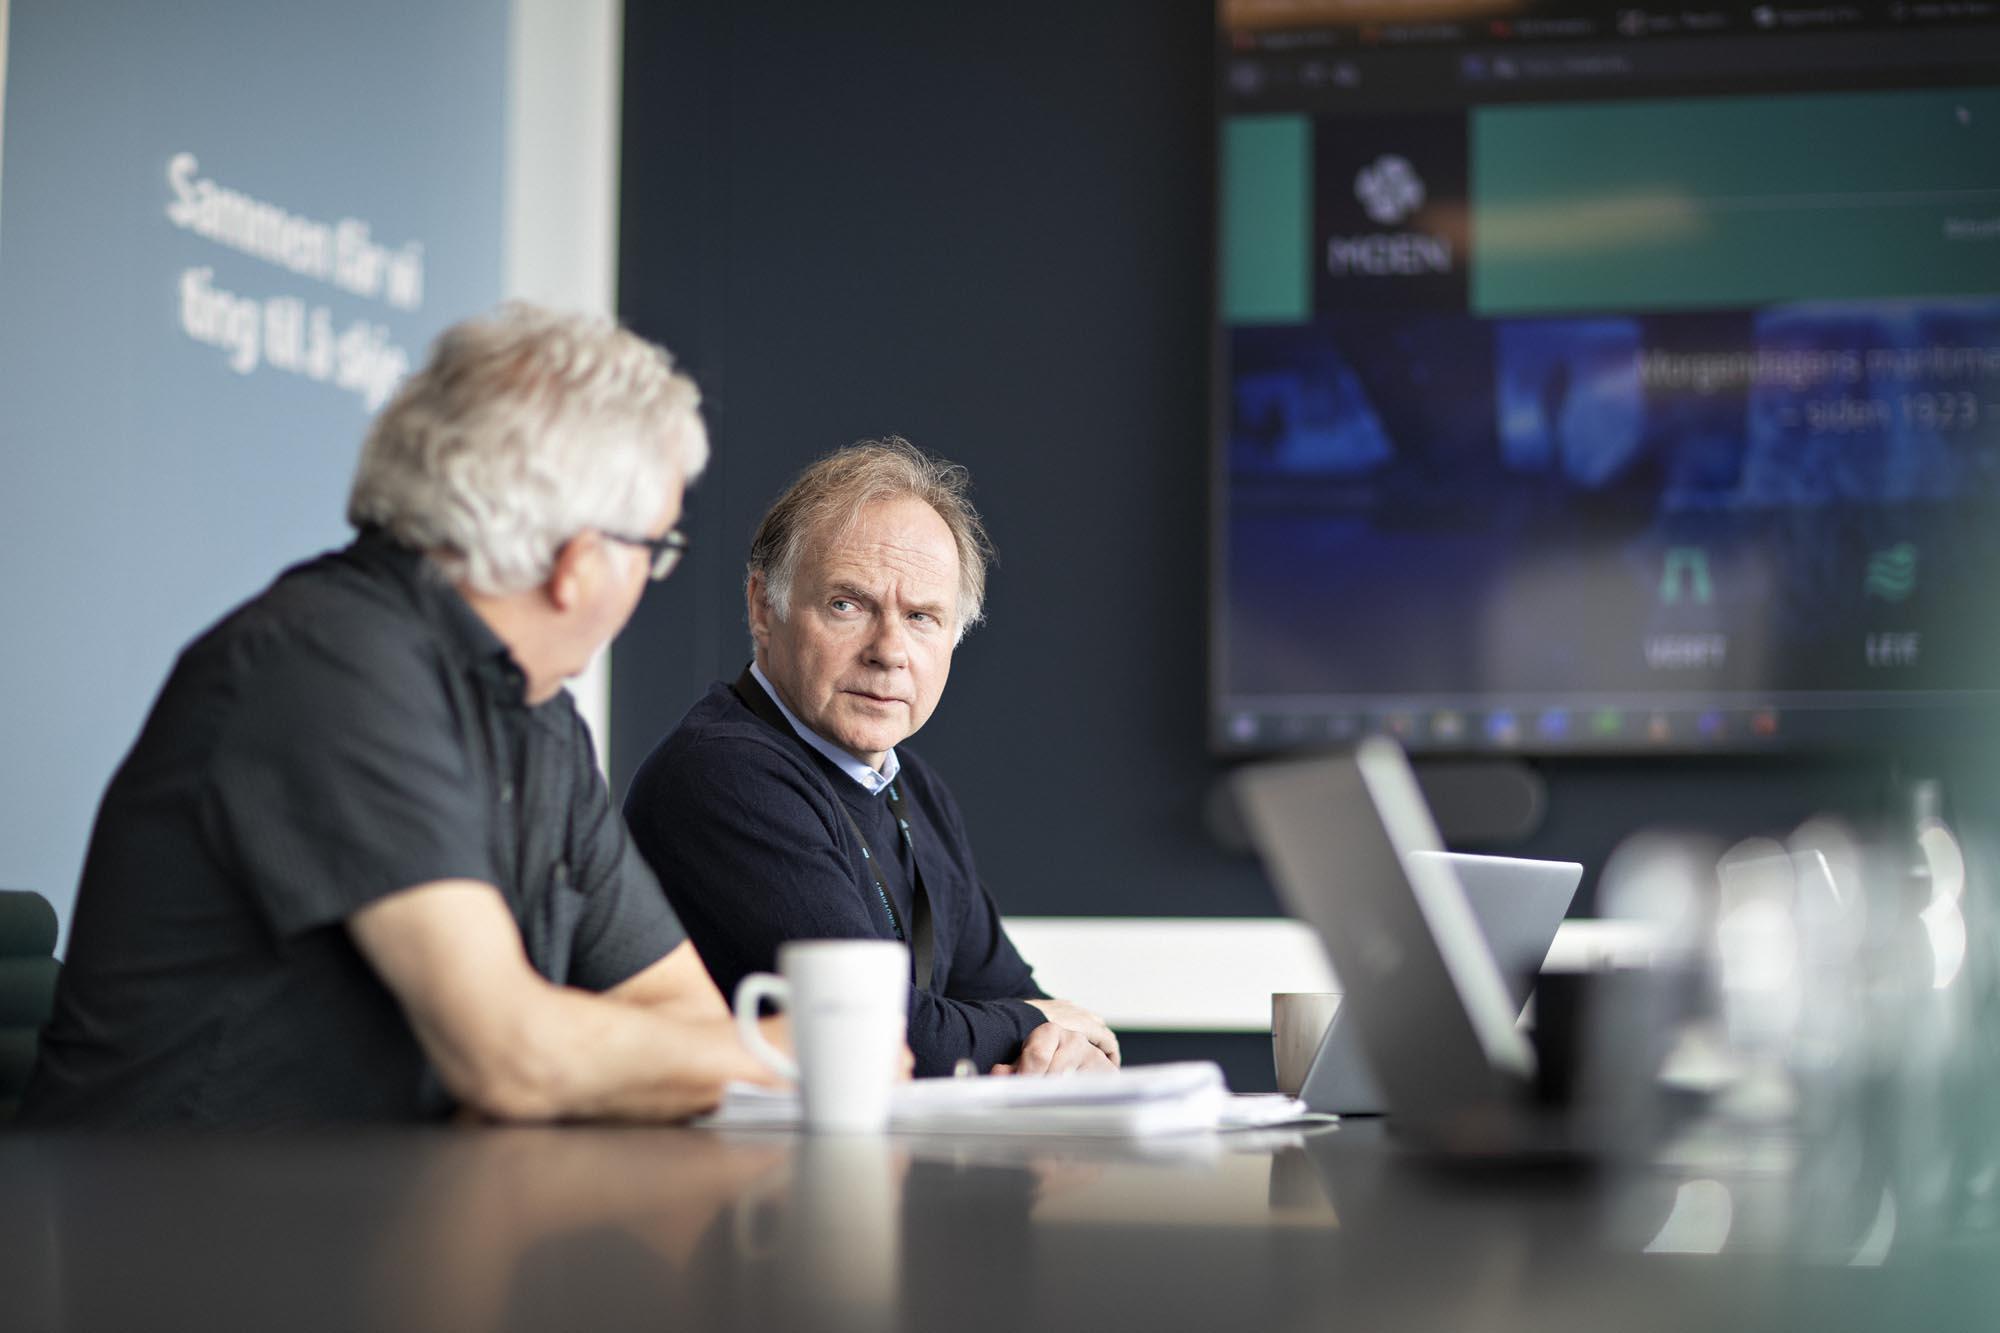 Mann som diskuterer noe i et møterom.